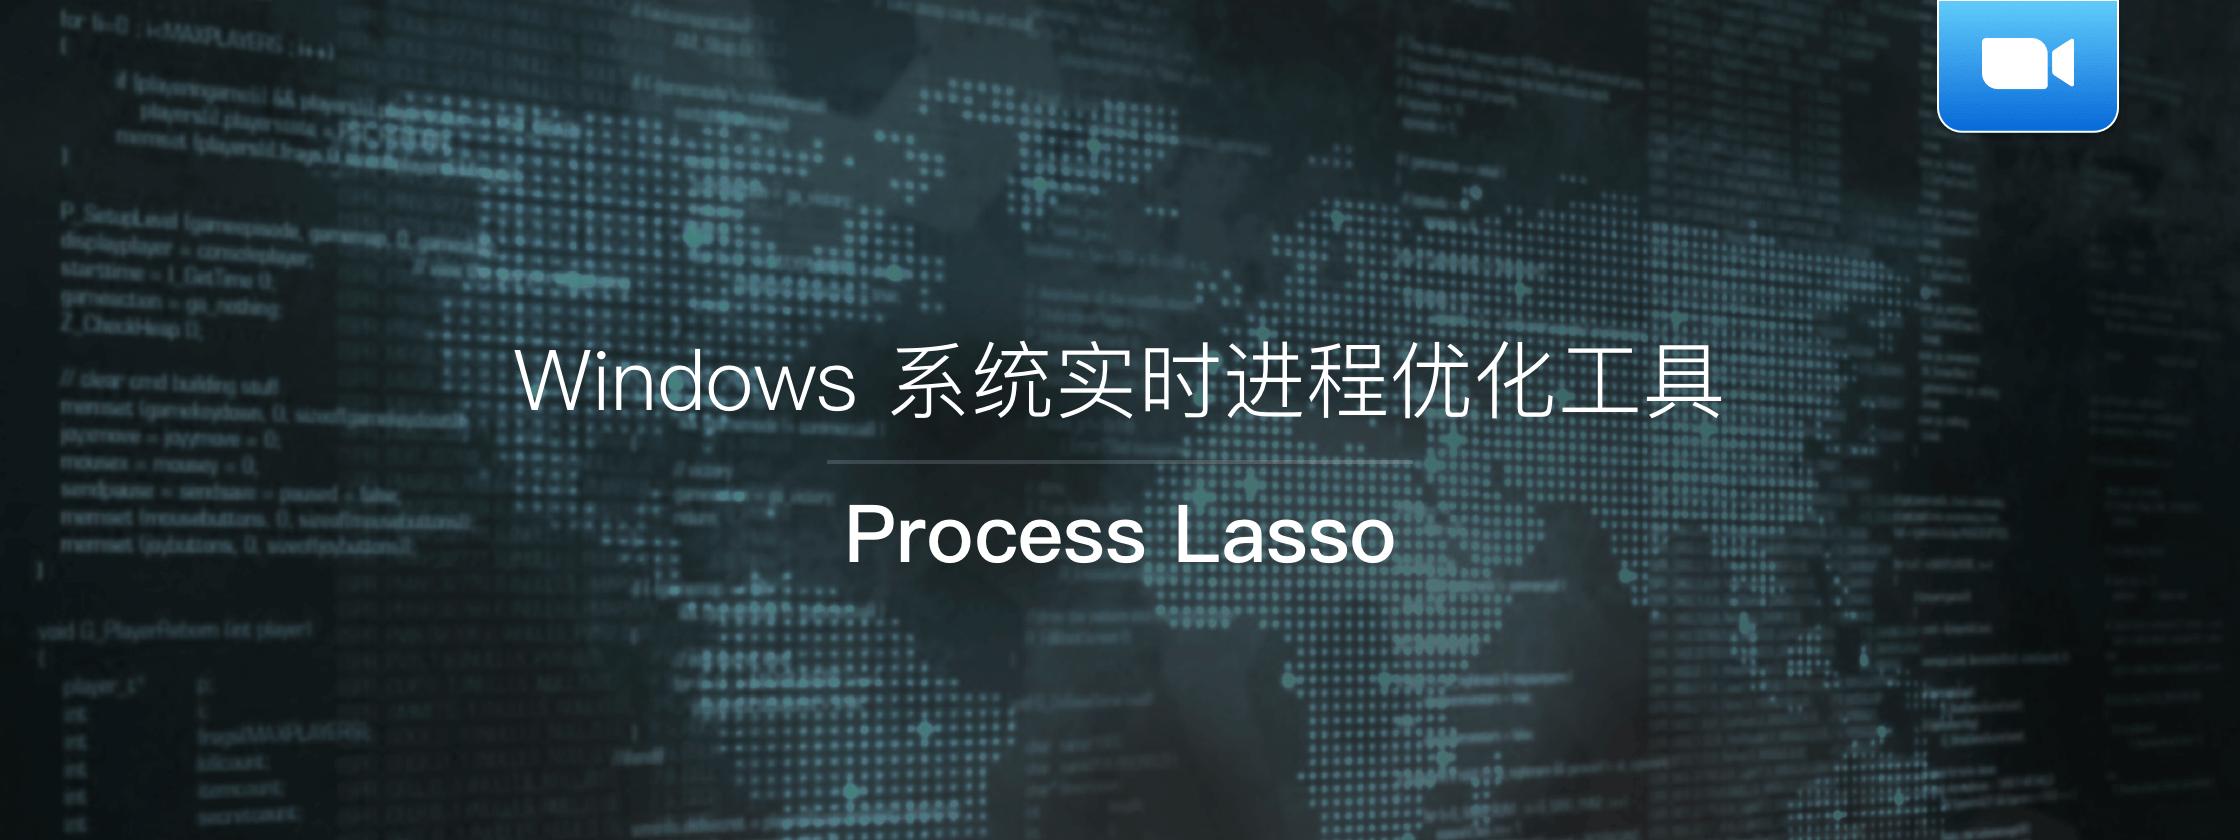 【视频】Process Lasso,Windows 系统实时进程优化工具